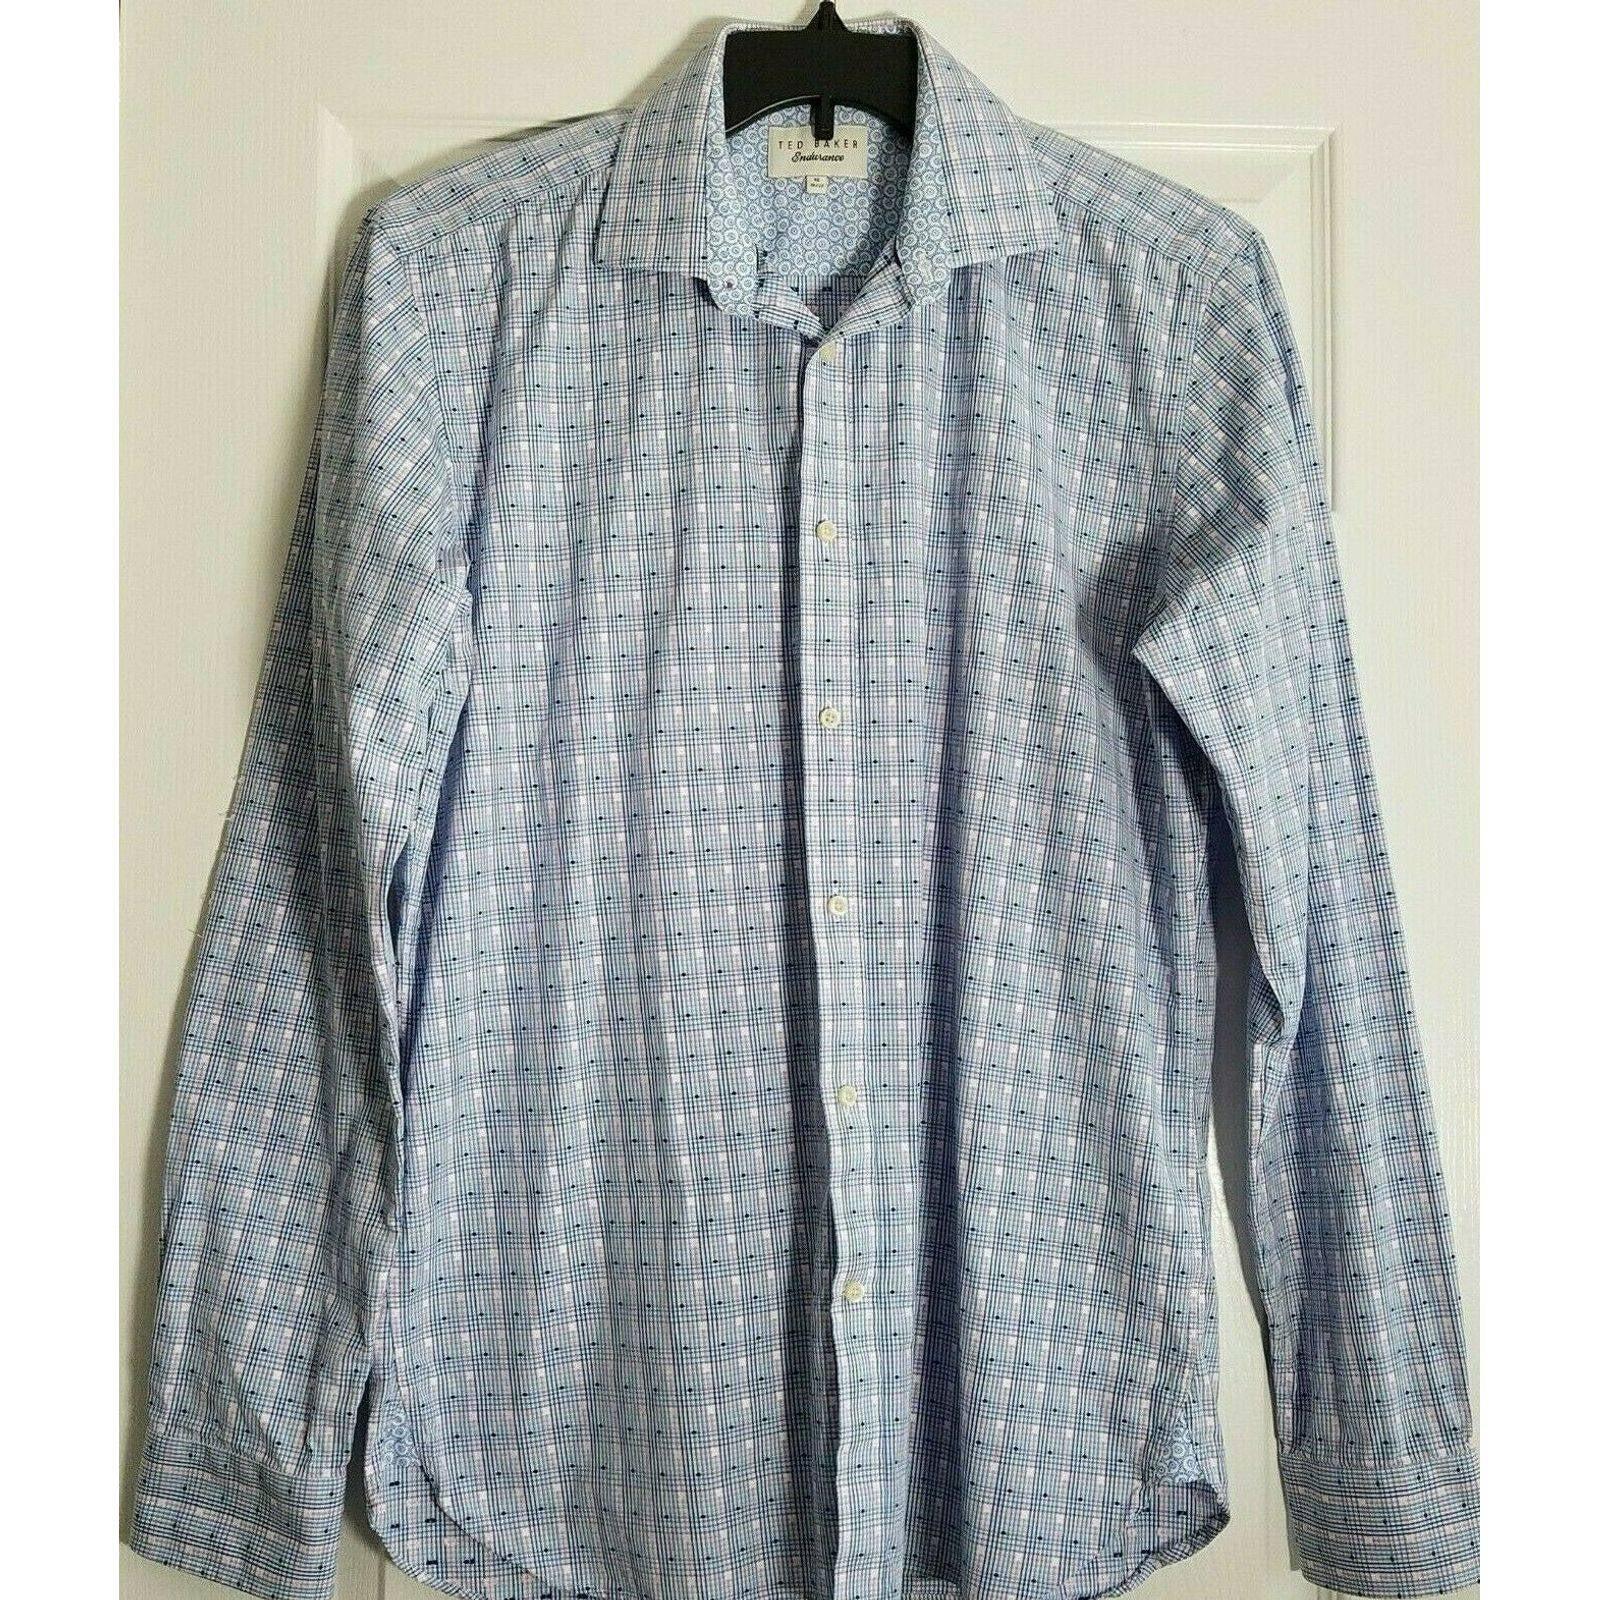 Ted Baker Endurance Dress Shirt 16 36/37